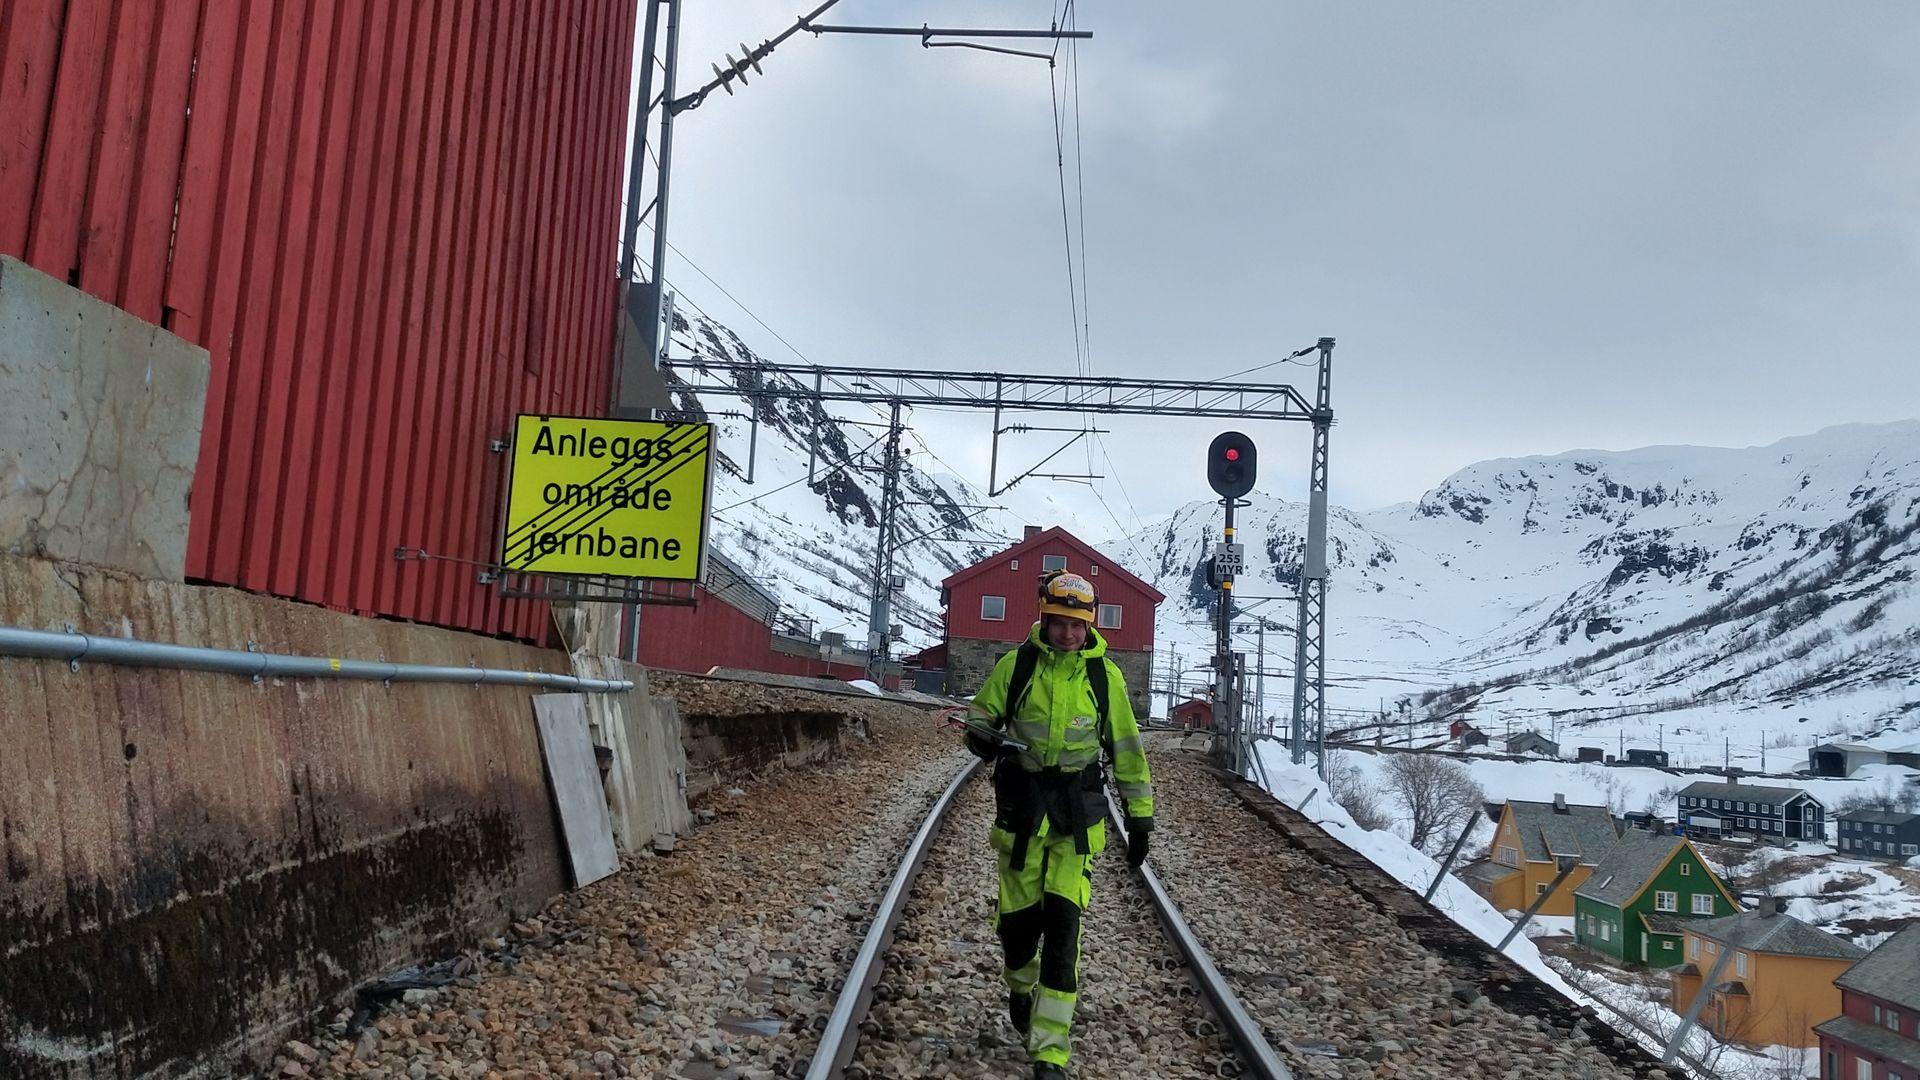 ANNONSE: Landmålerryggsekk tryller frem «digital tvilling» for nytt signalanlegg på Flåmsbanen